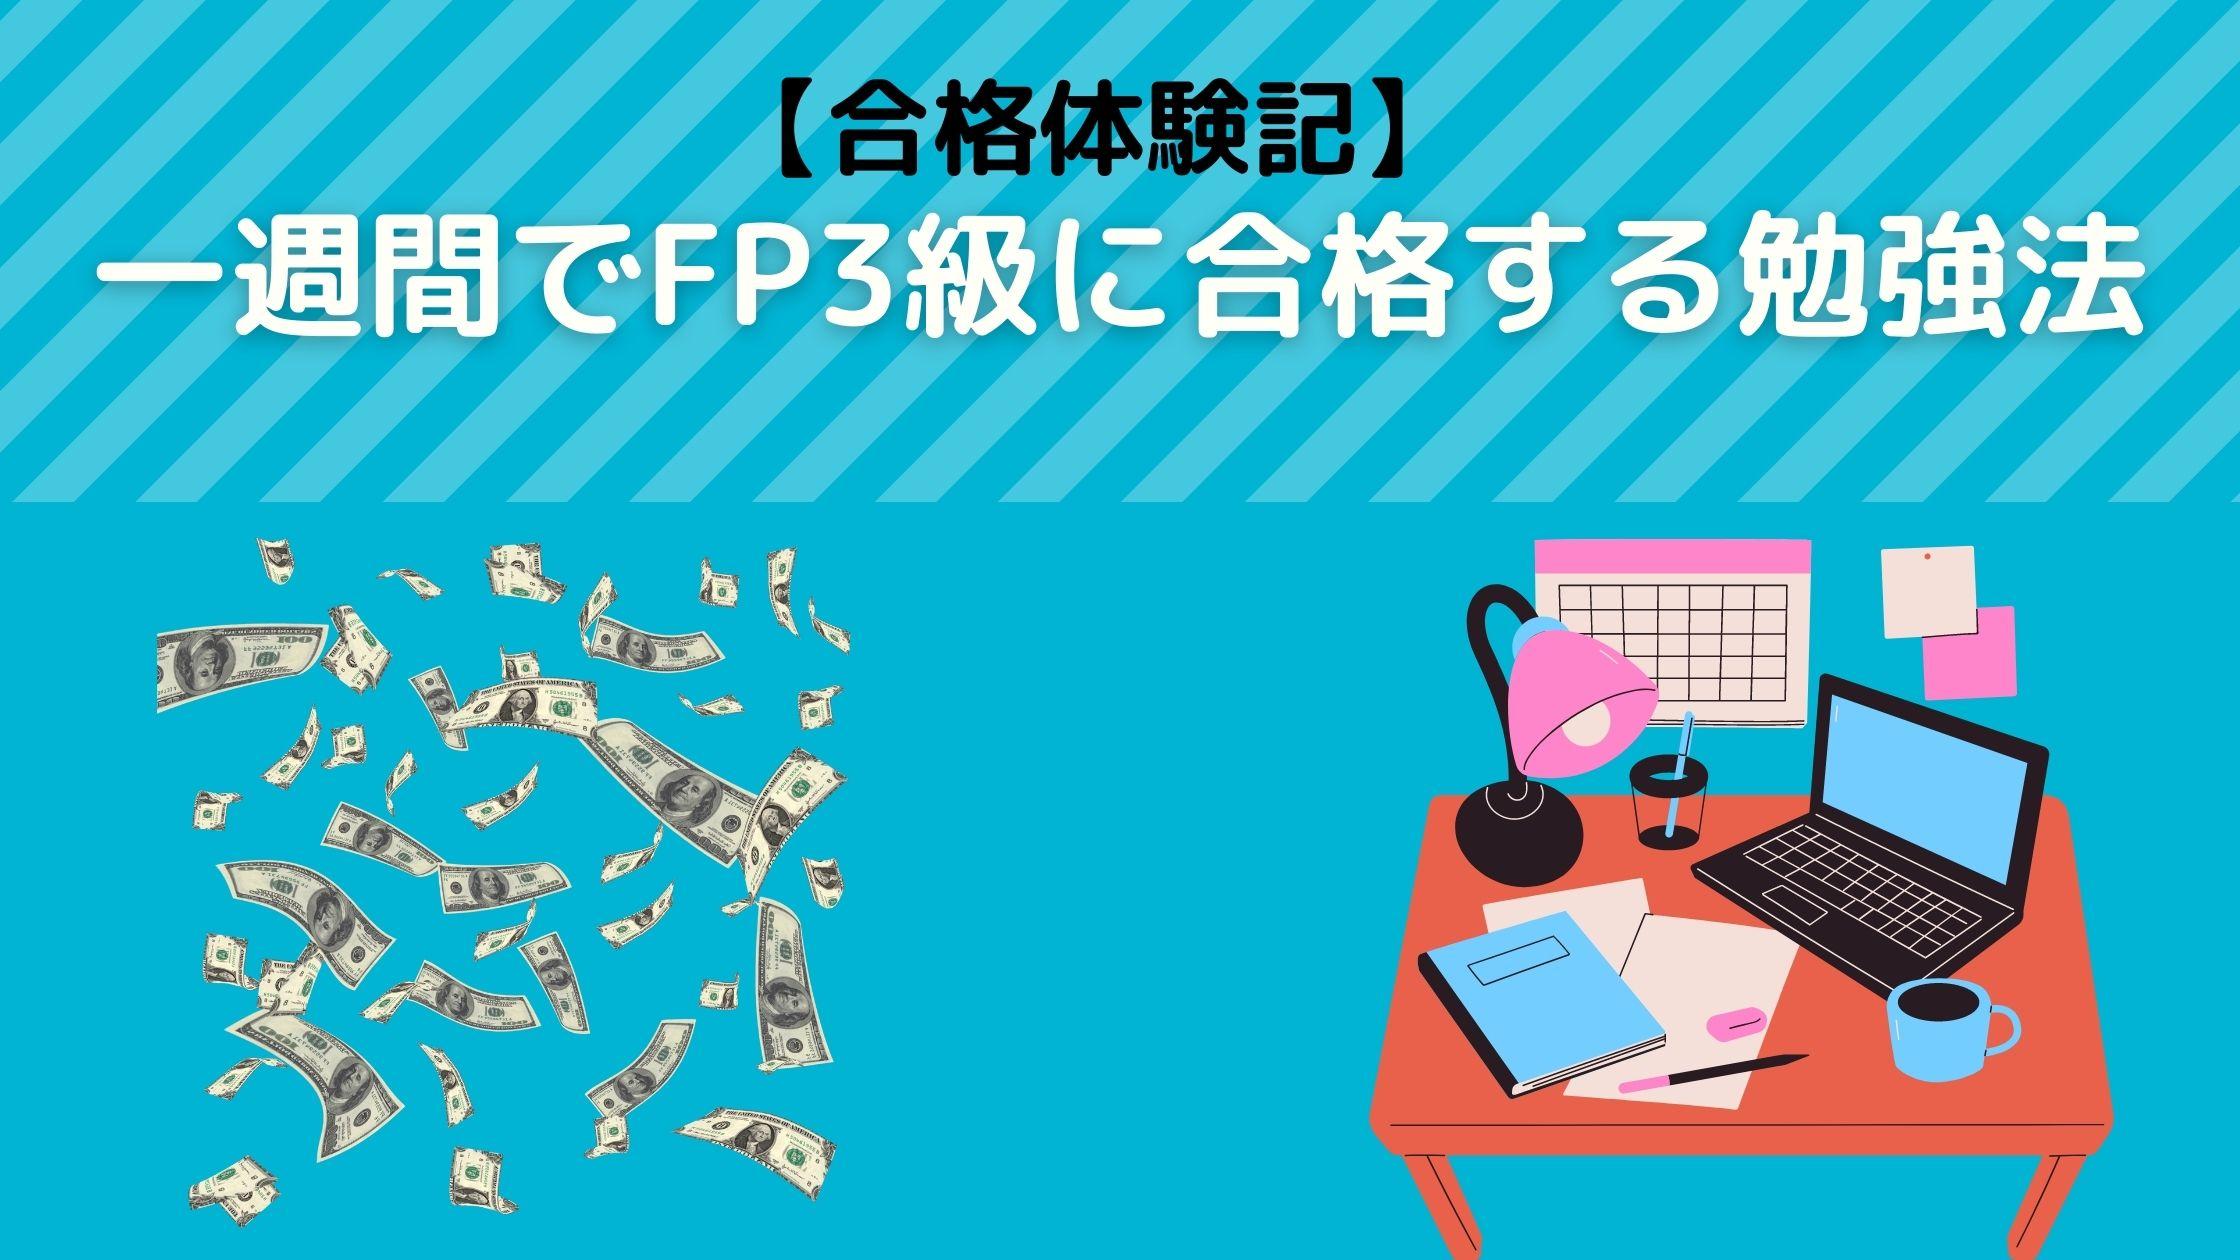 【合格体験記】一週間でFP3級に合格する勉強法